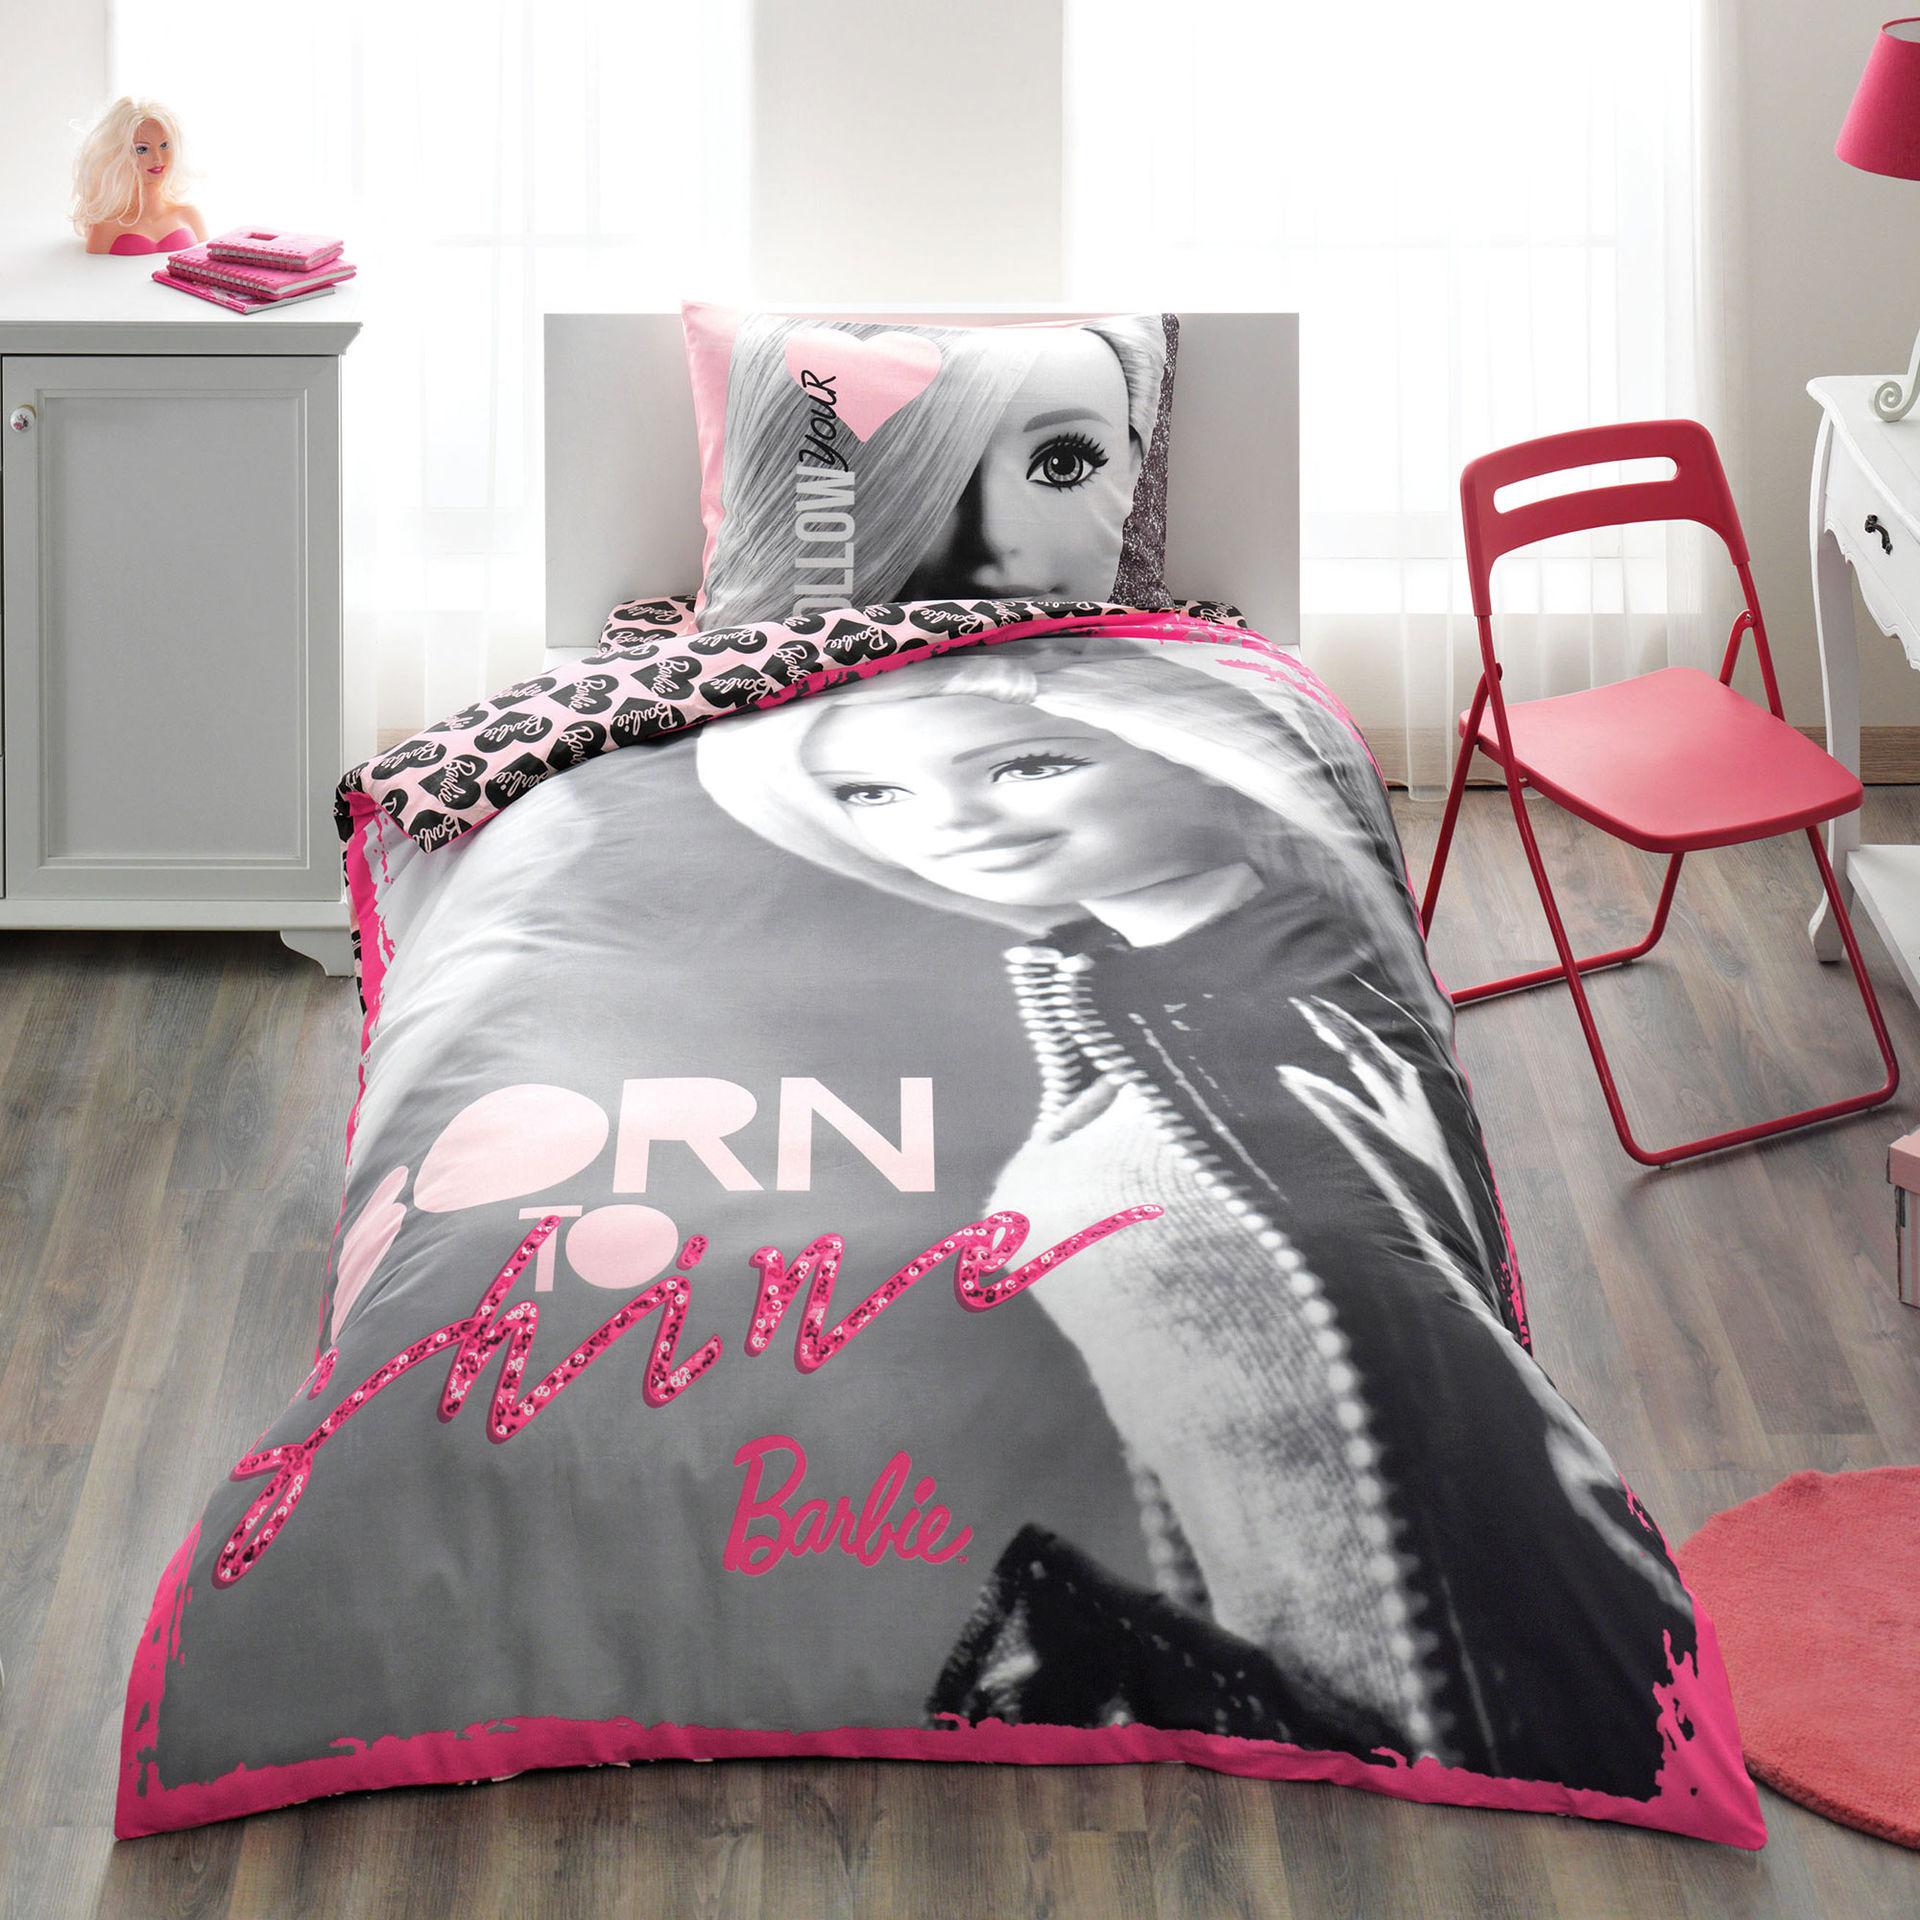 Комплект постельного белья Ranforce - Barbie Shine, 1,5 спальныйДетское постельное белье<br>Комплект постельного белья Ranforce - Barbie Shine, 1,5 спальный<br>